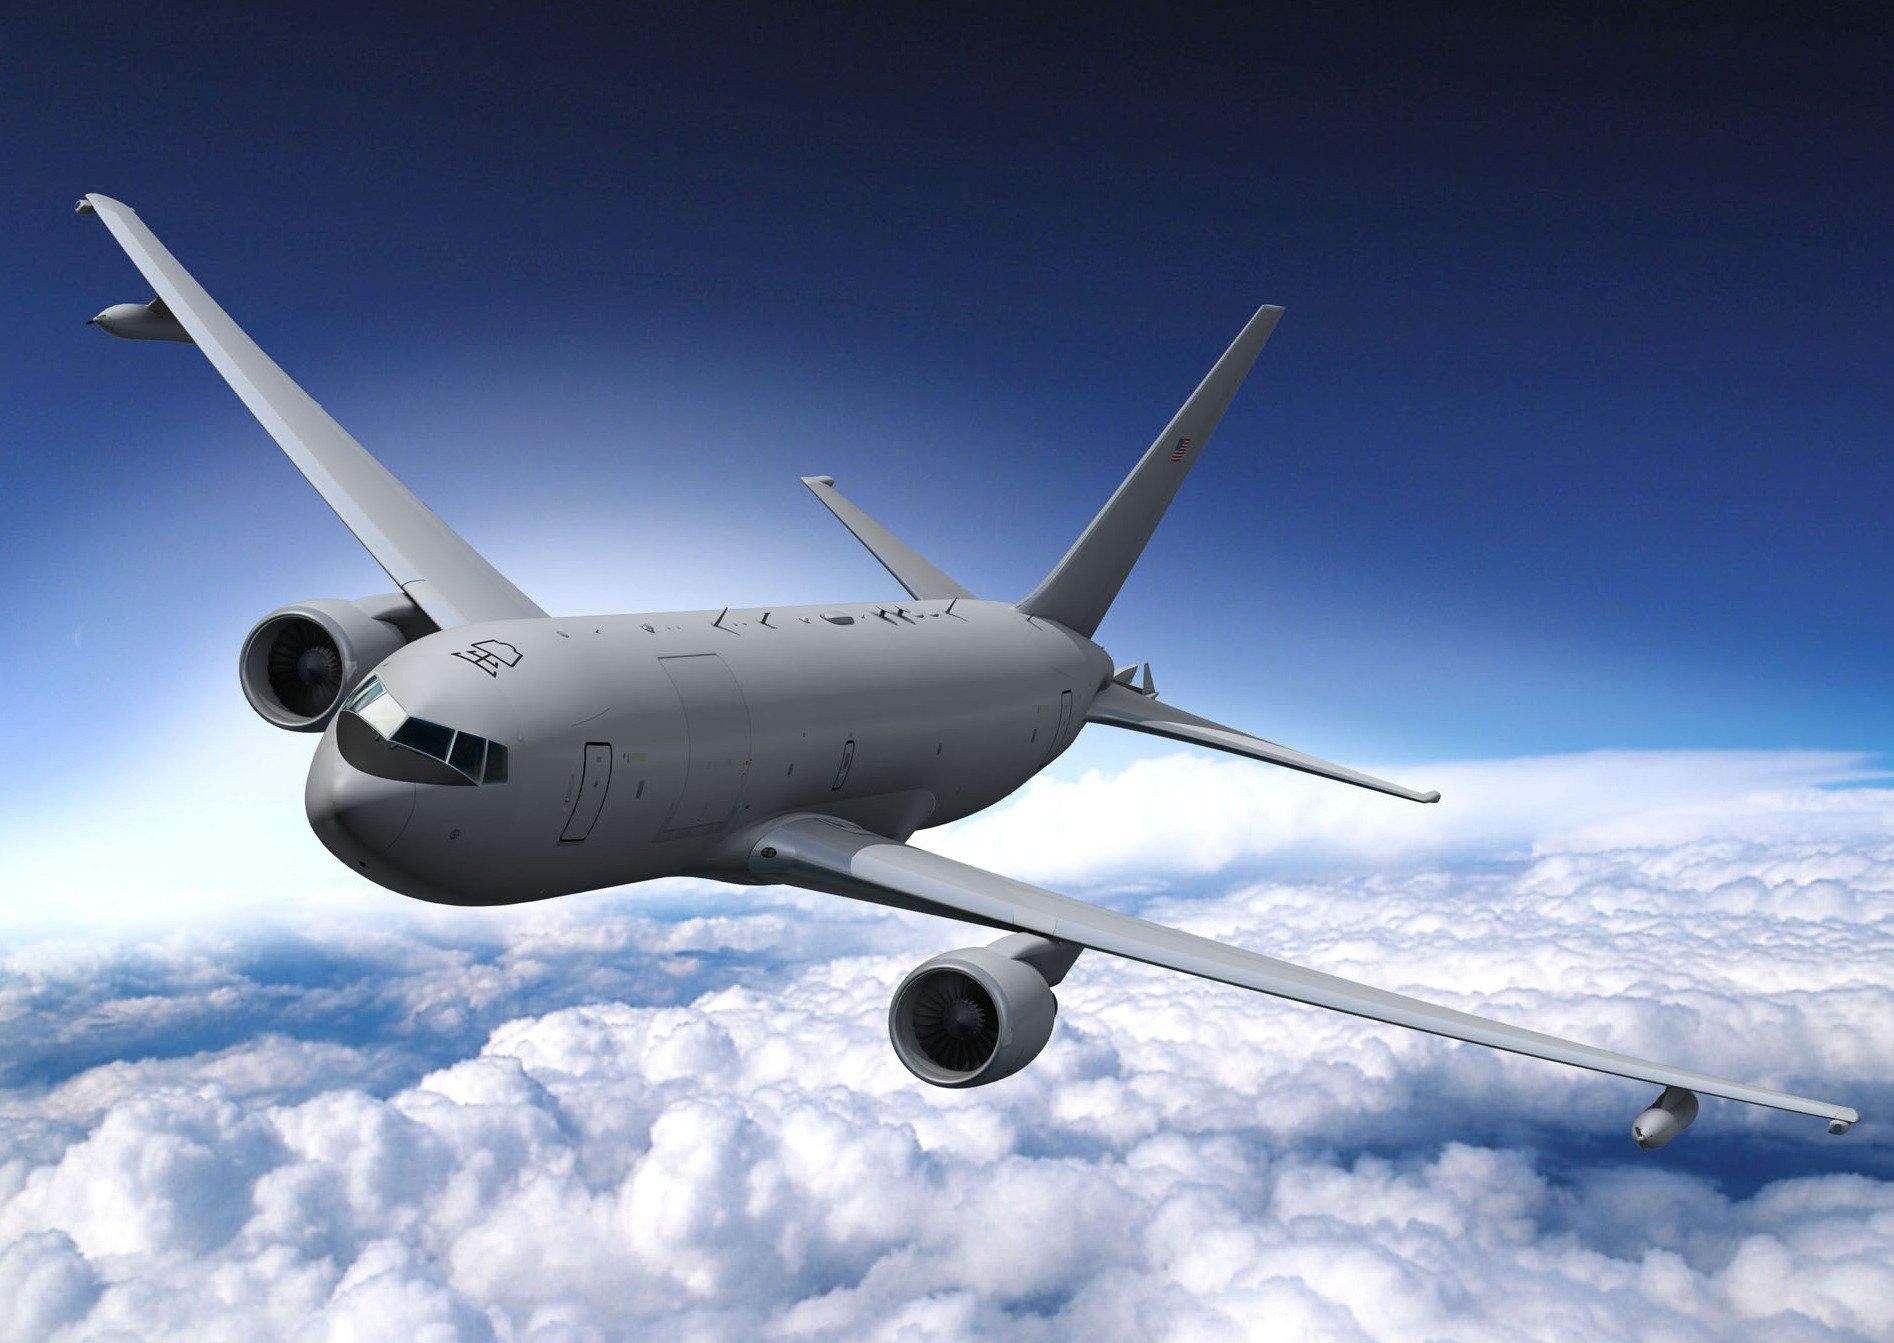 179 Exemplare der KC-46 Pegasus hat die U.S. Air Force geordert. Ab 2015 sollen erste Maschinen ausgeliefert werden. Die Tanker sind eine militärische Version des Boeing Passagierflugzeugs B767. In die Entwicklung wurden vier Milliarden US-Dollar gesteckt. Jetzt plant die amerikanische Luftwaffe den nächsten Schritt: Die Tanker sollen auch unbemannt fliegen und betanken können.